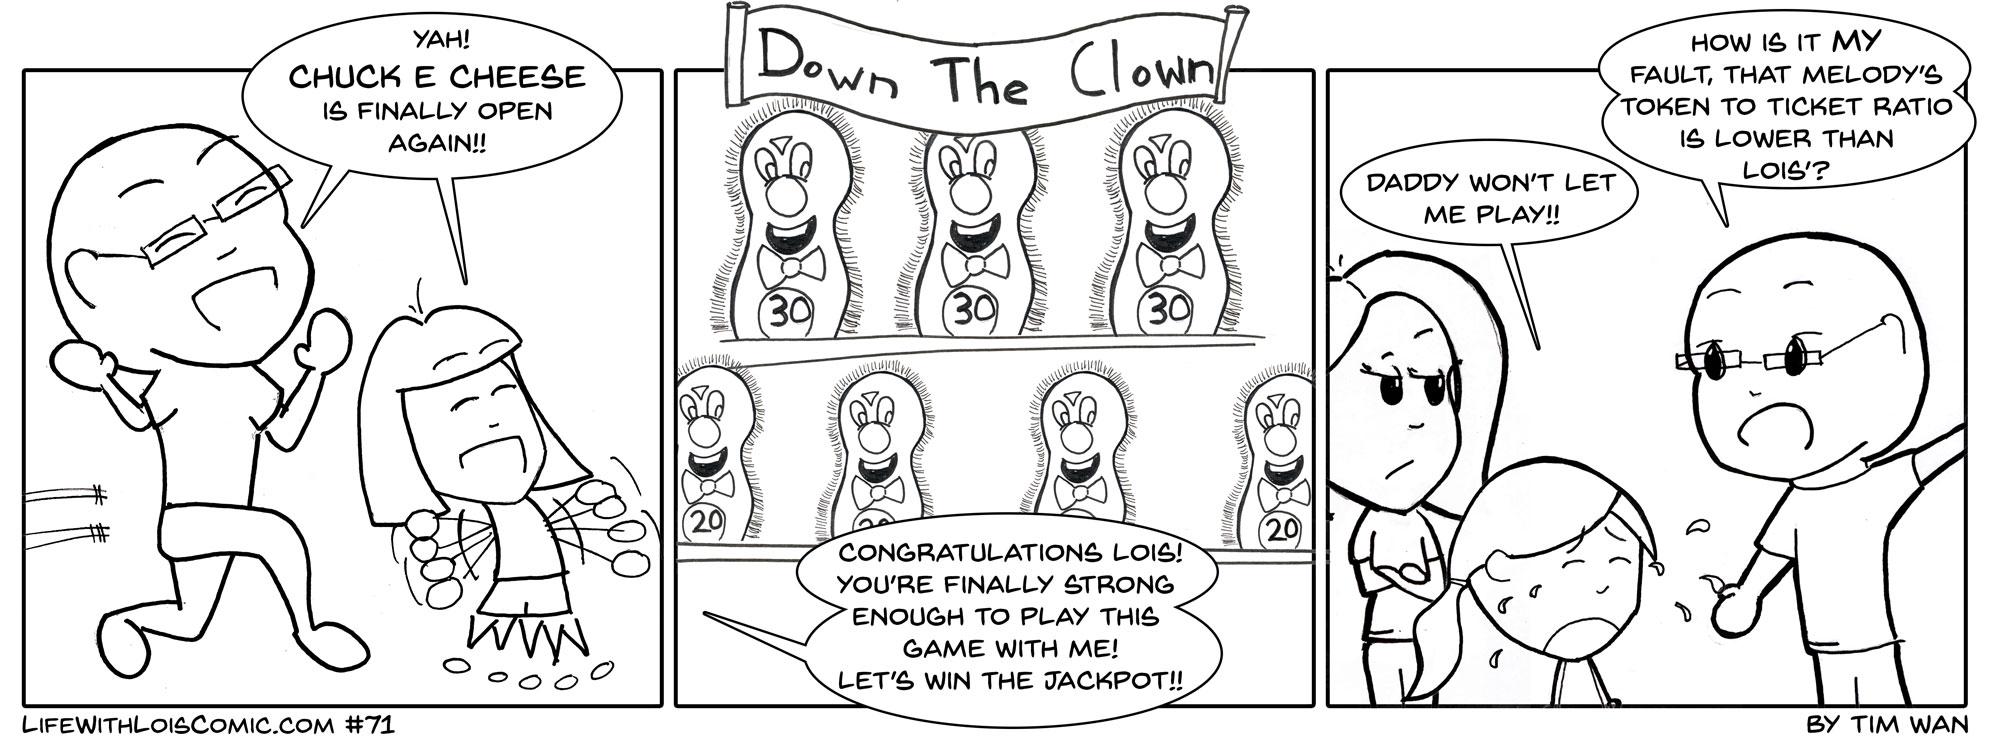 Down The Clown